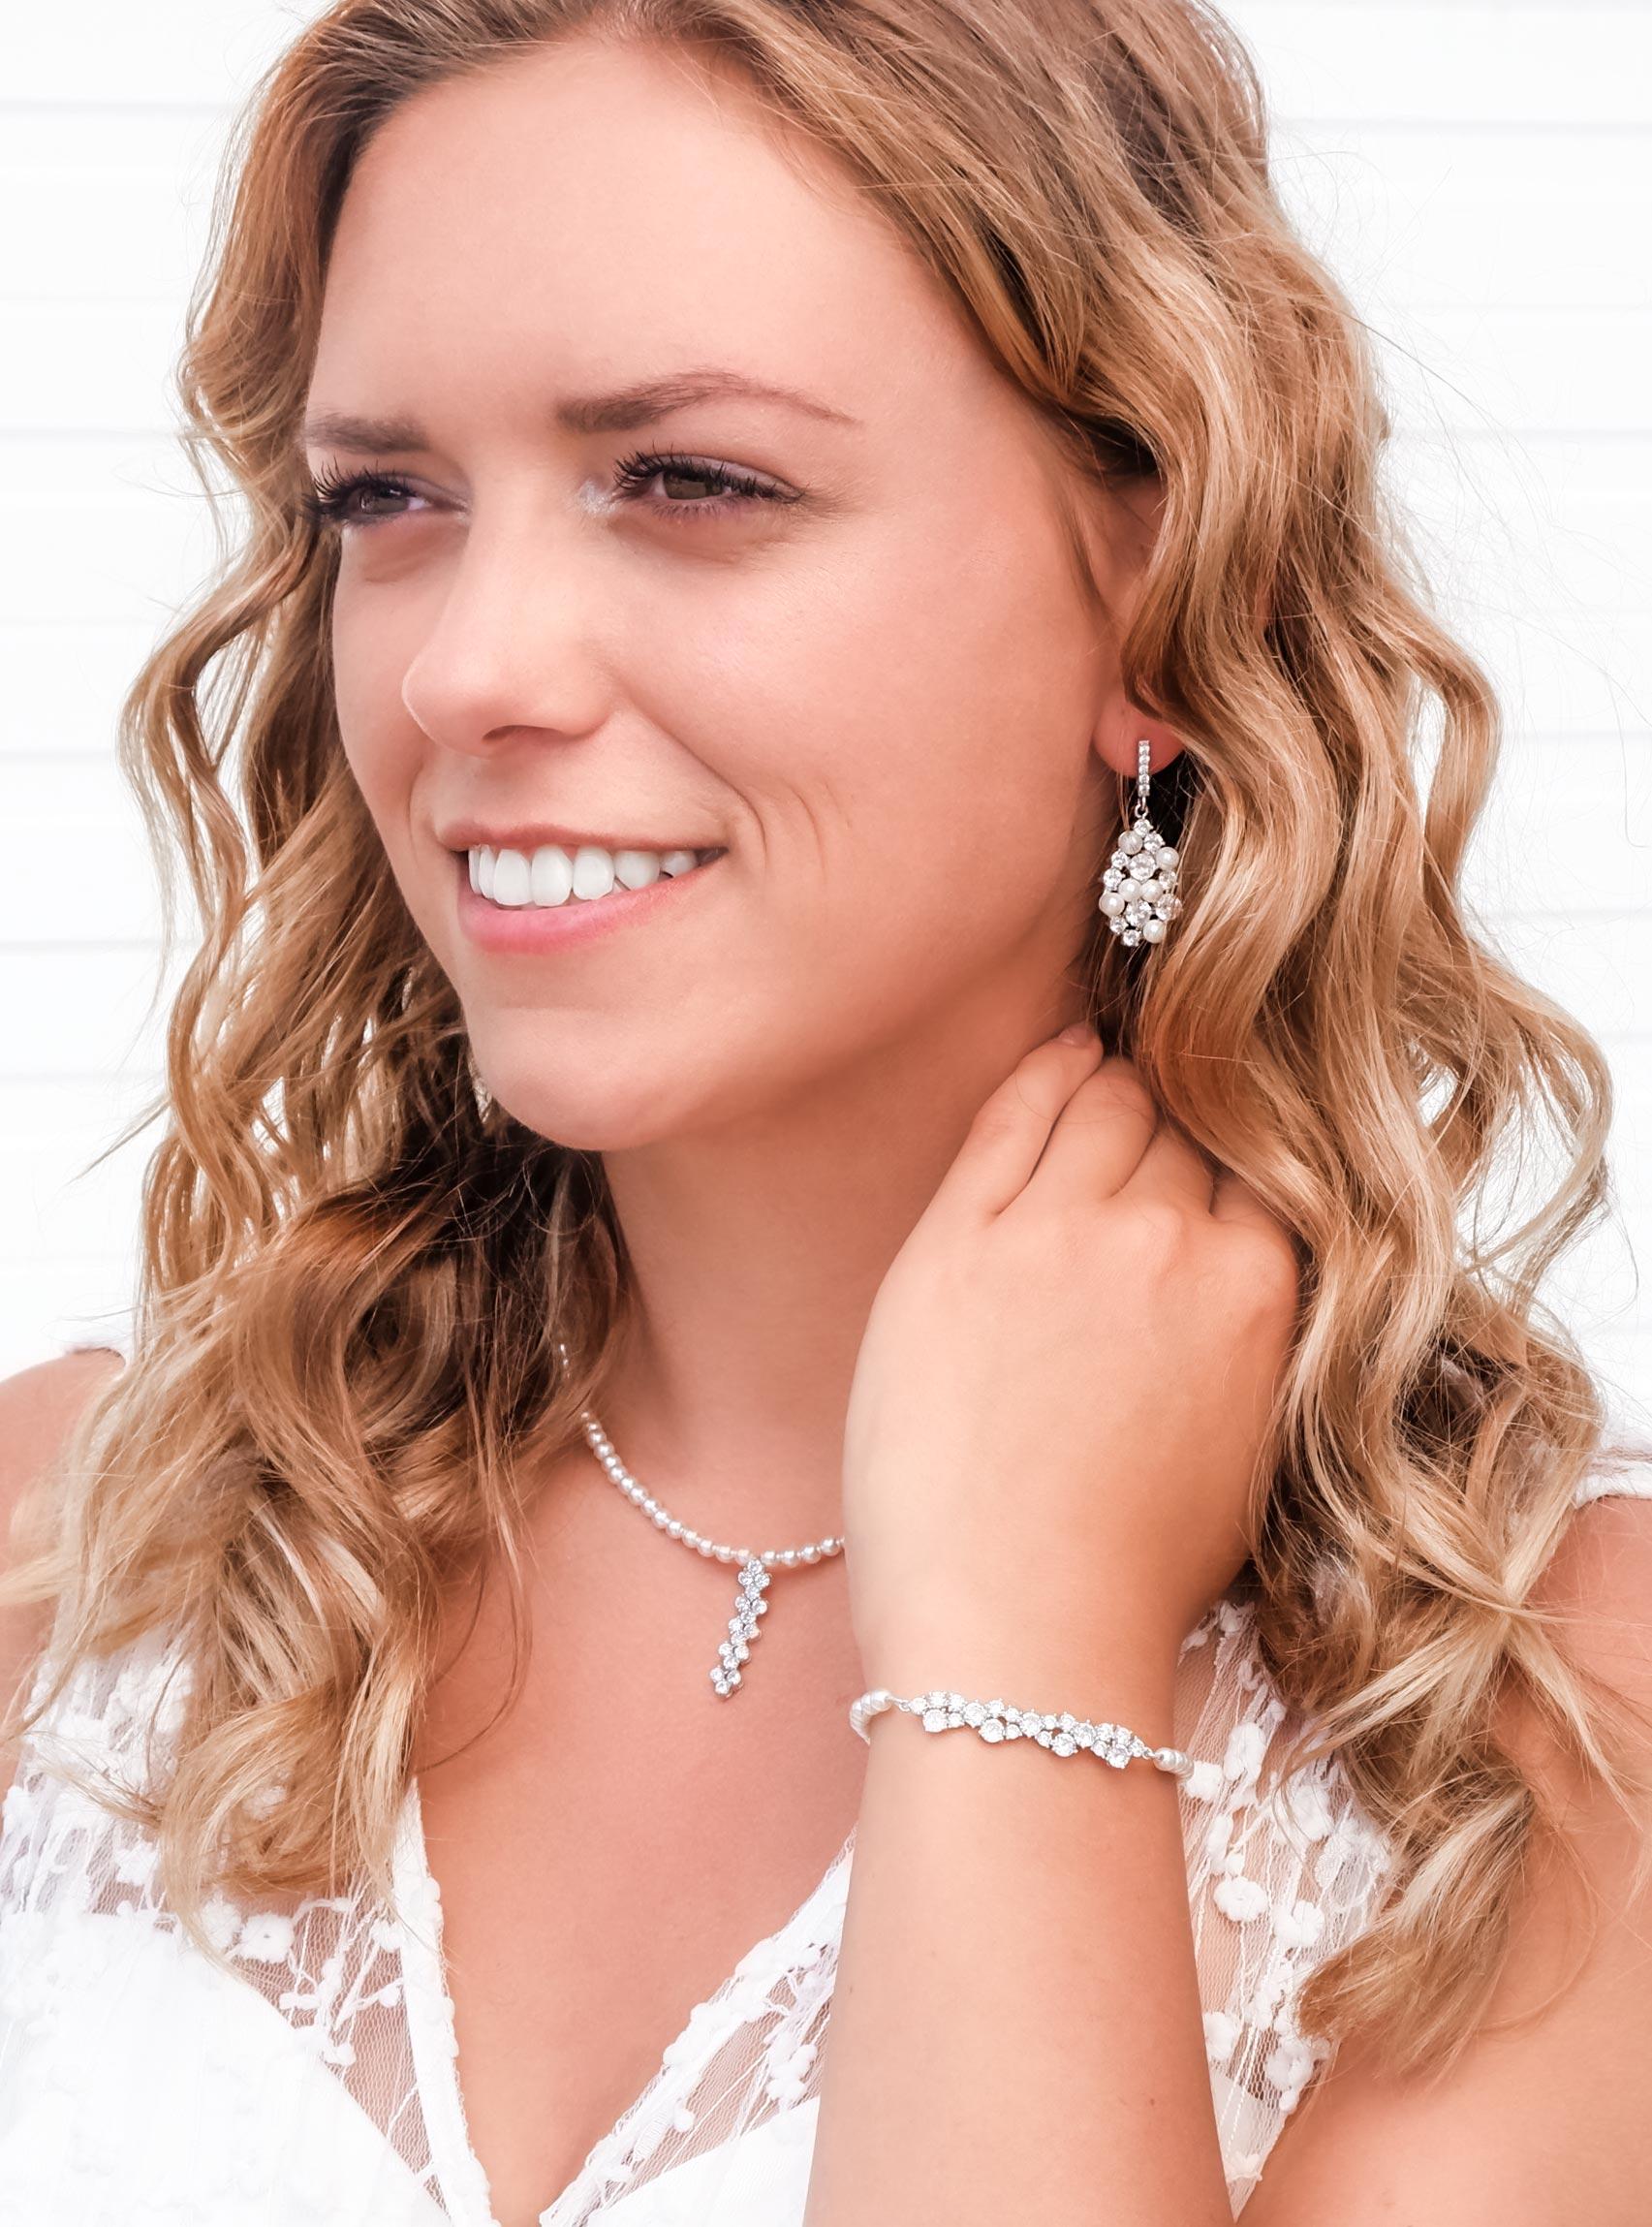 Mooie sieradenset met parels voor een mooie look